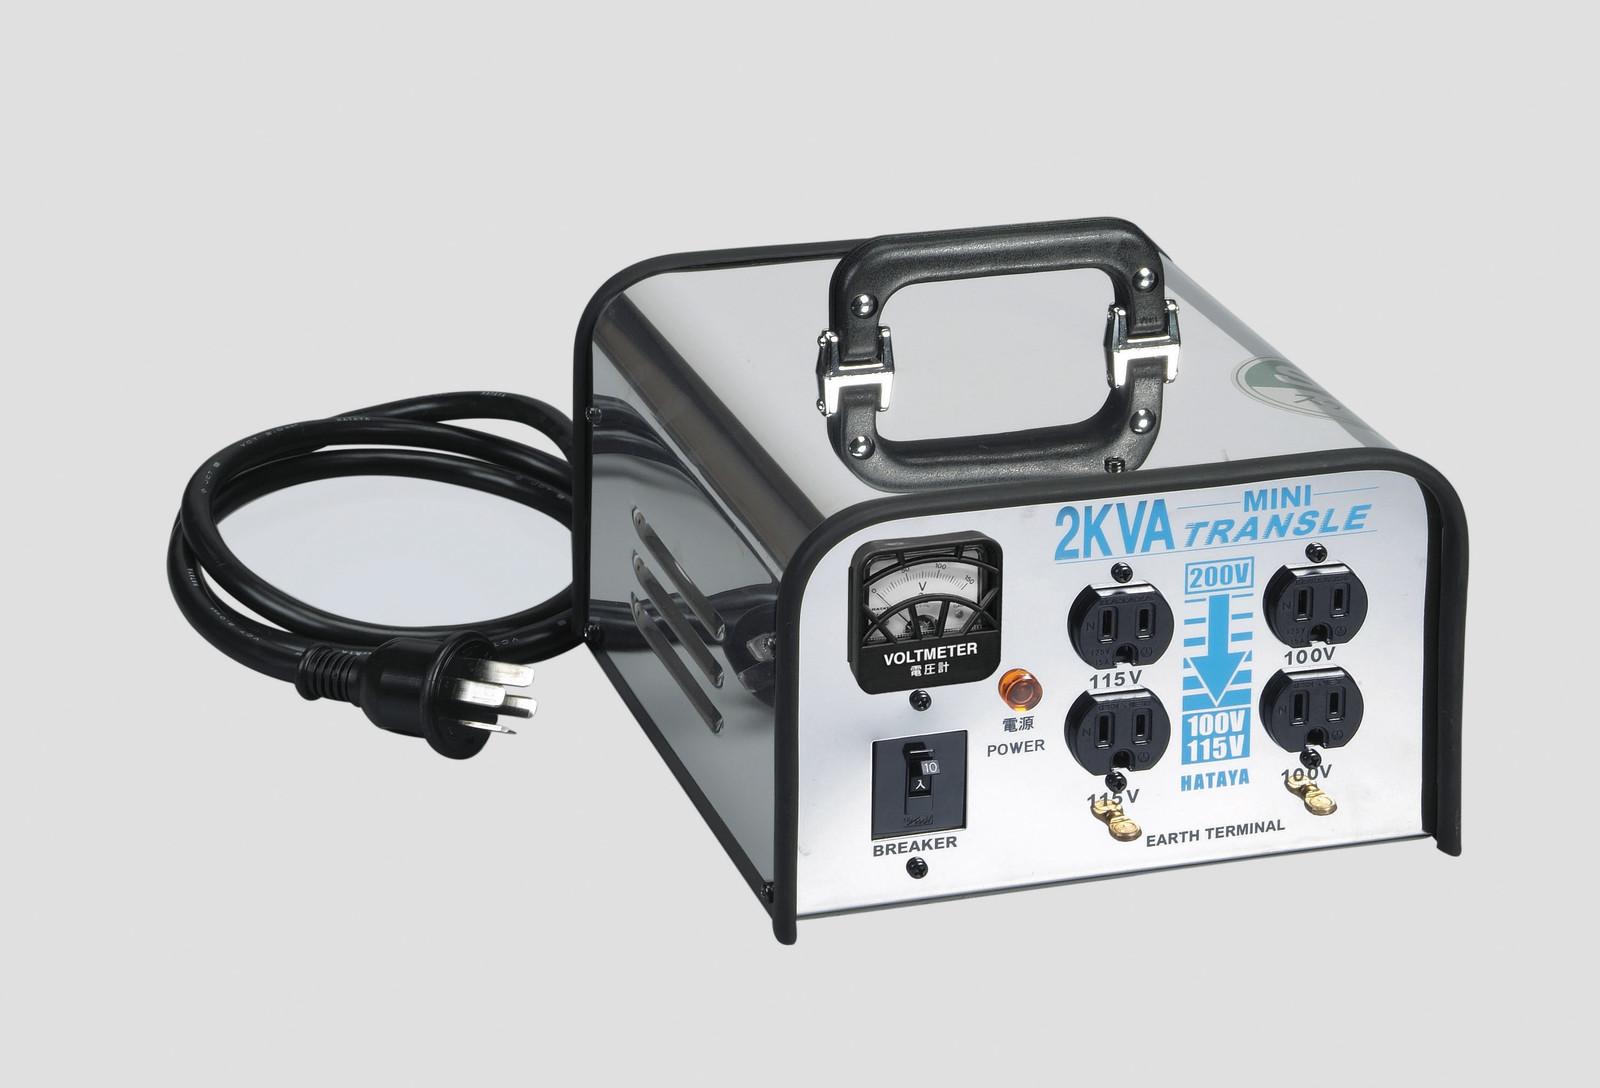 ハタヤ LV-02CS ミニトランスル 降圧型 単相200V→100・115V 2.0kVA